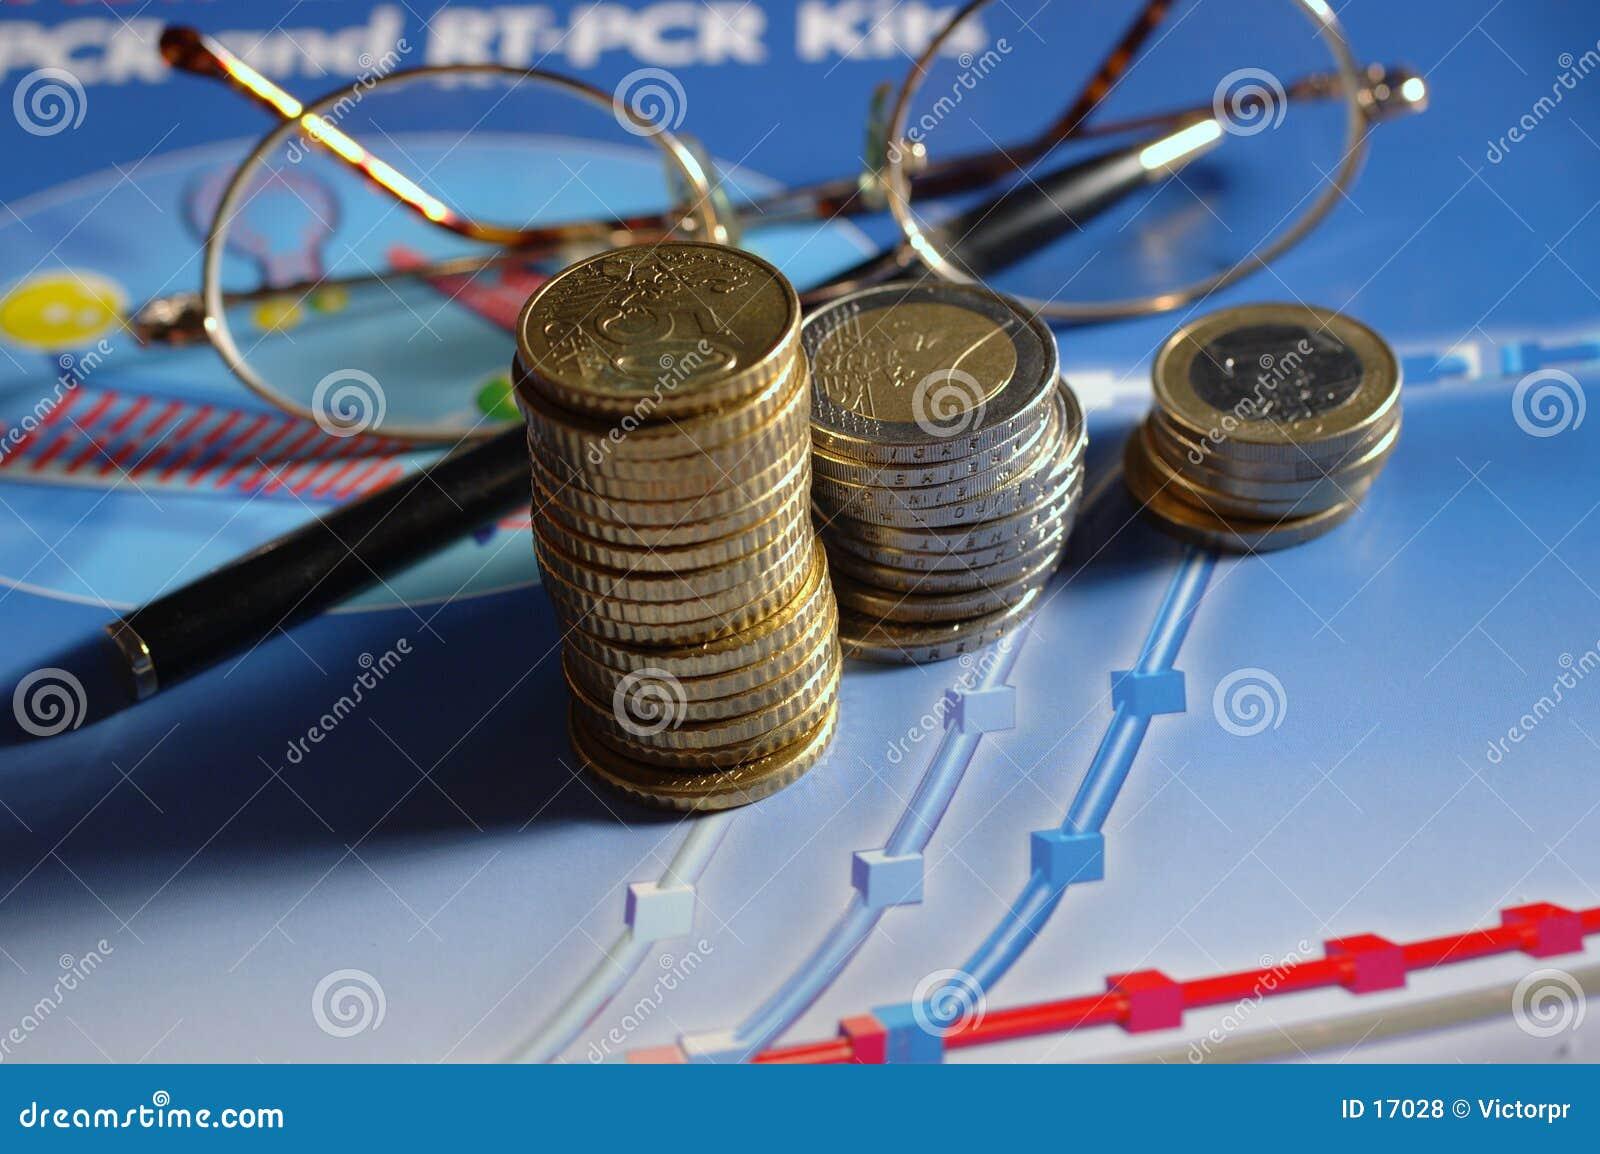 绘制货币图表